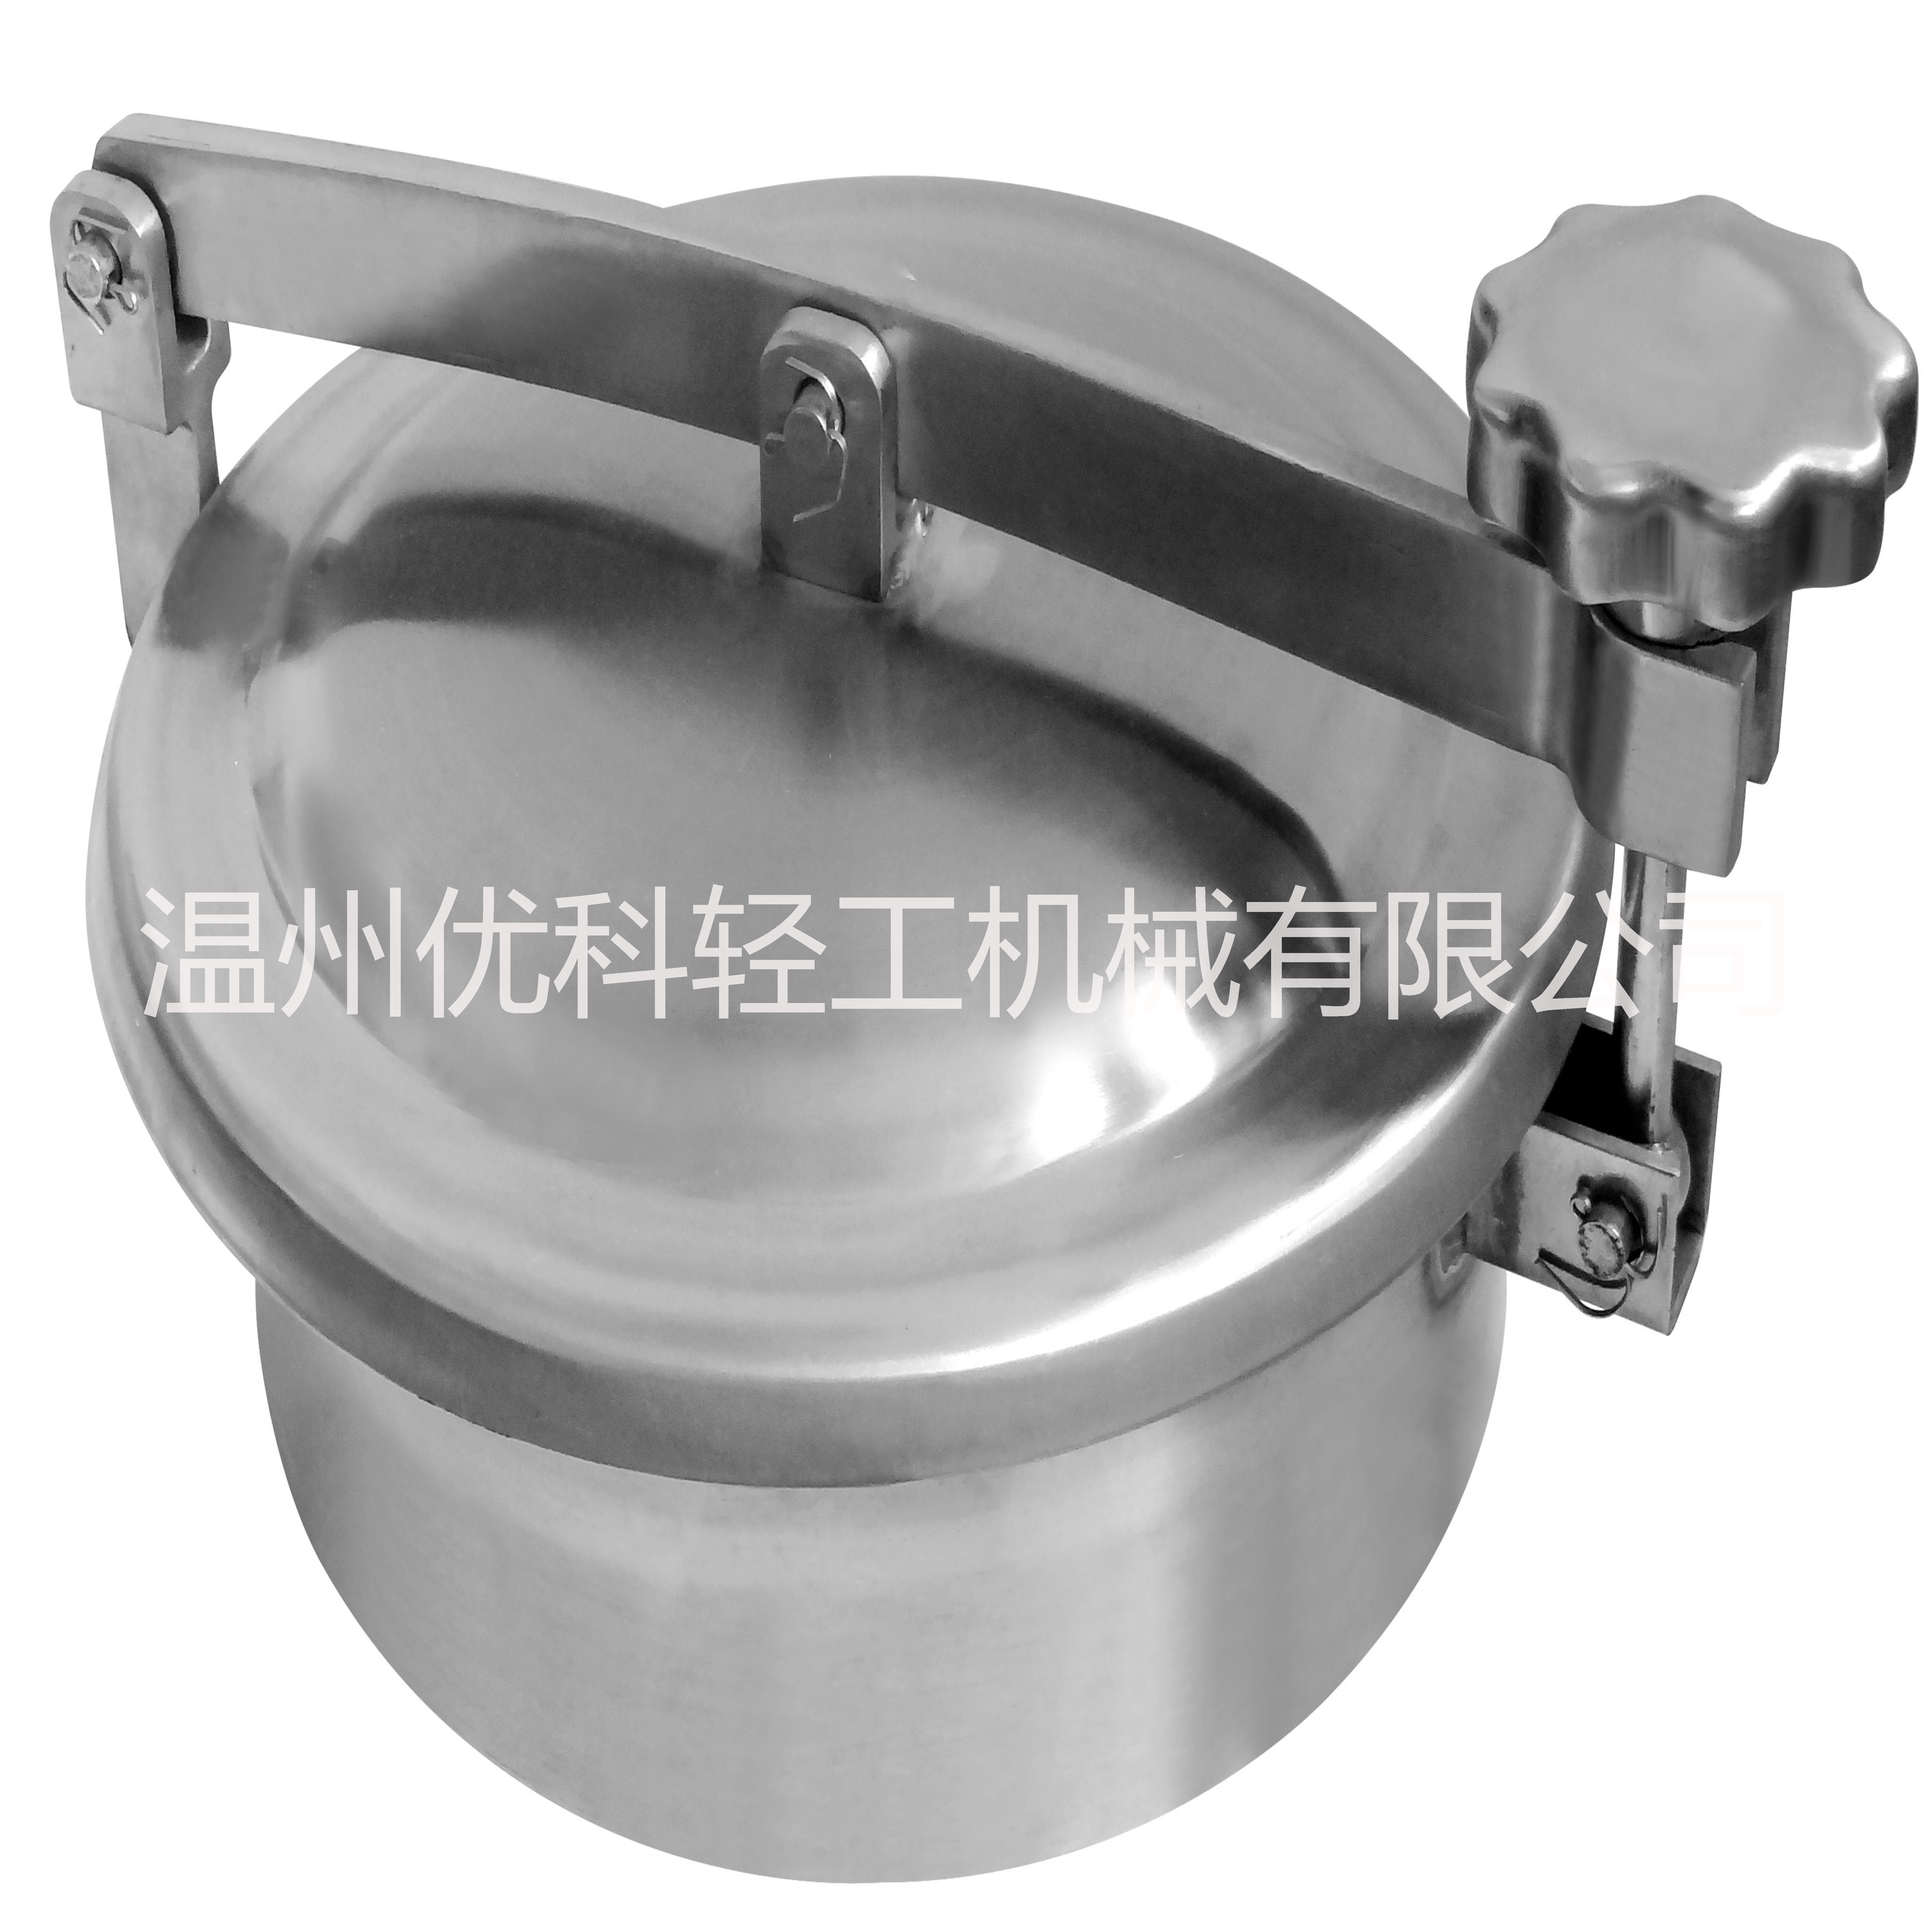 定制卫生级人孔厂家 非标人孔定做批发 304不锈钢人孔生产单位 压力人孔制造商